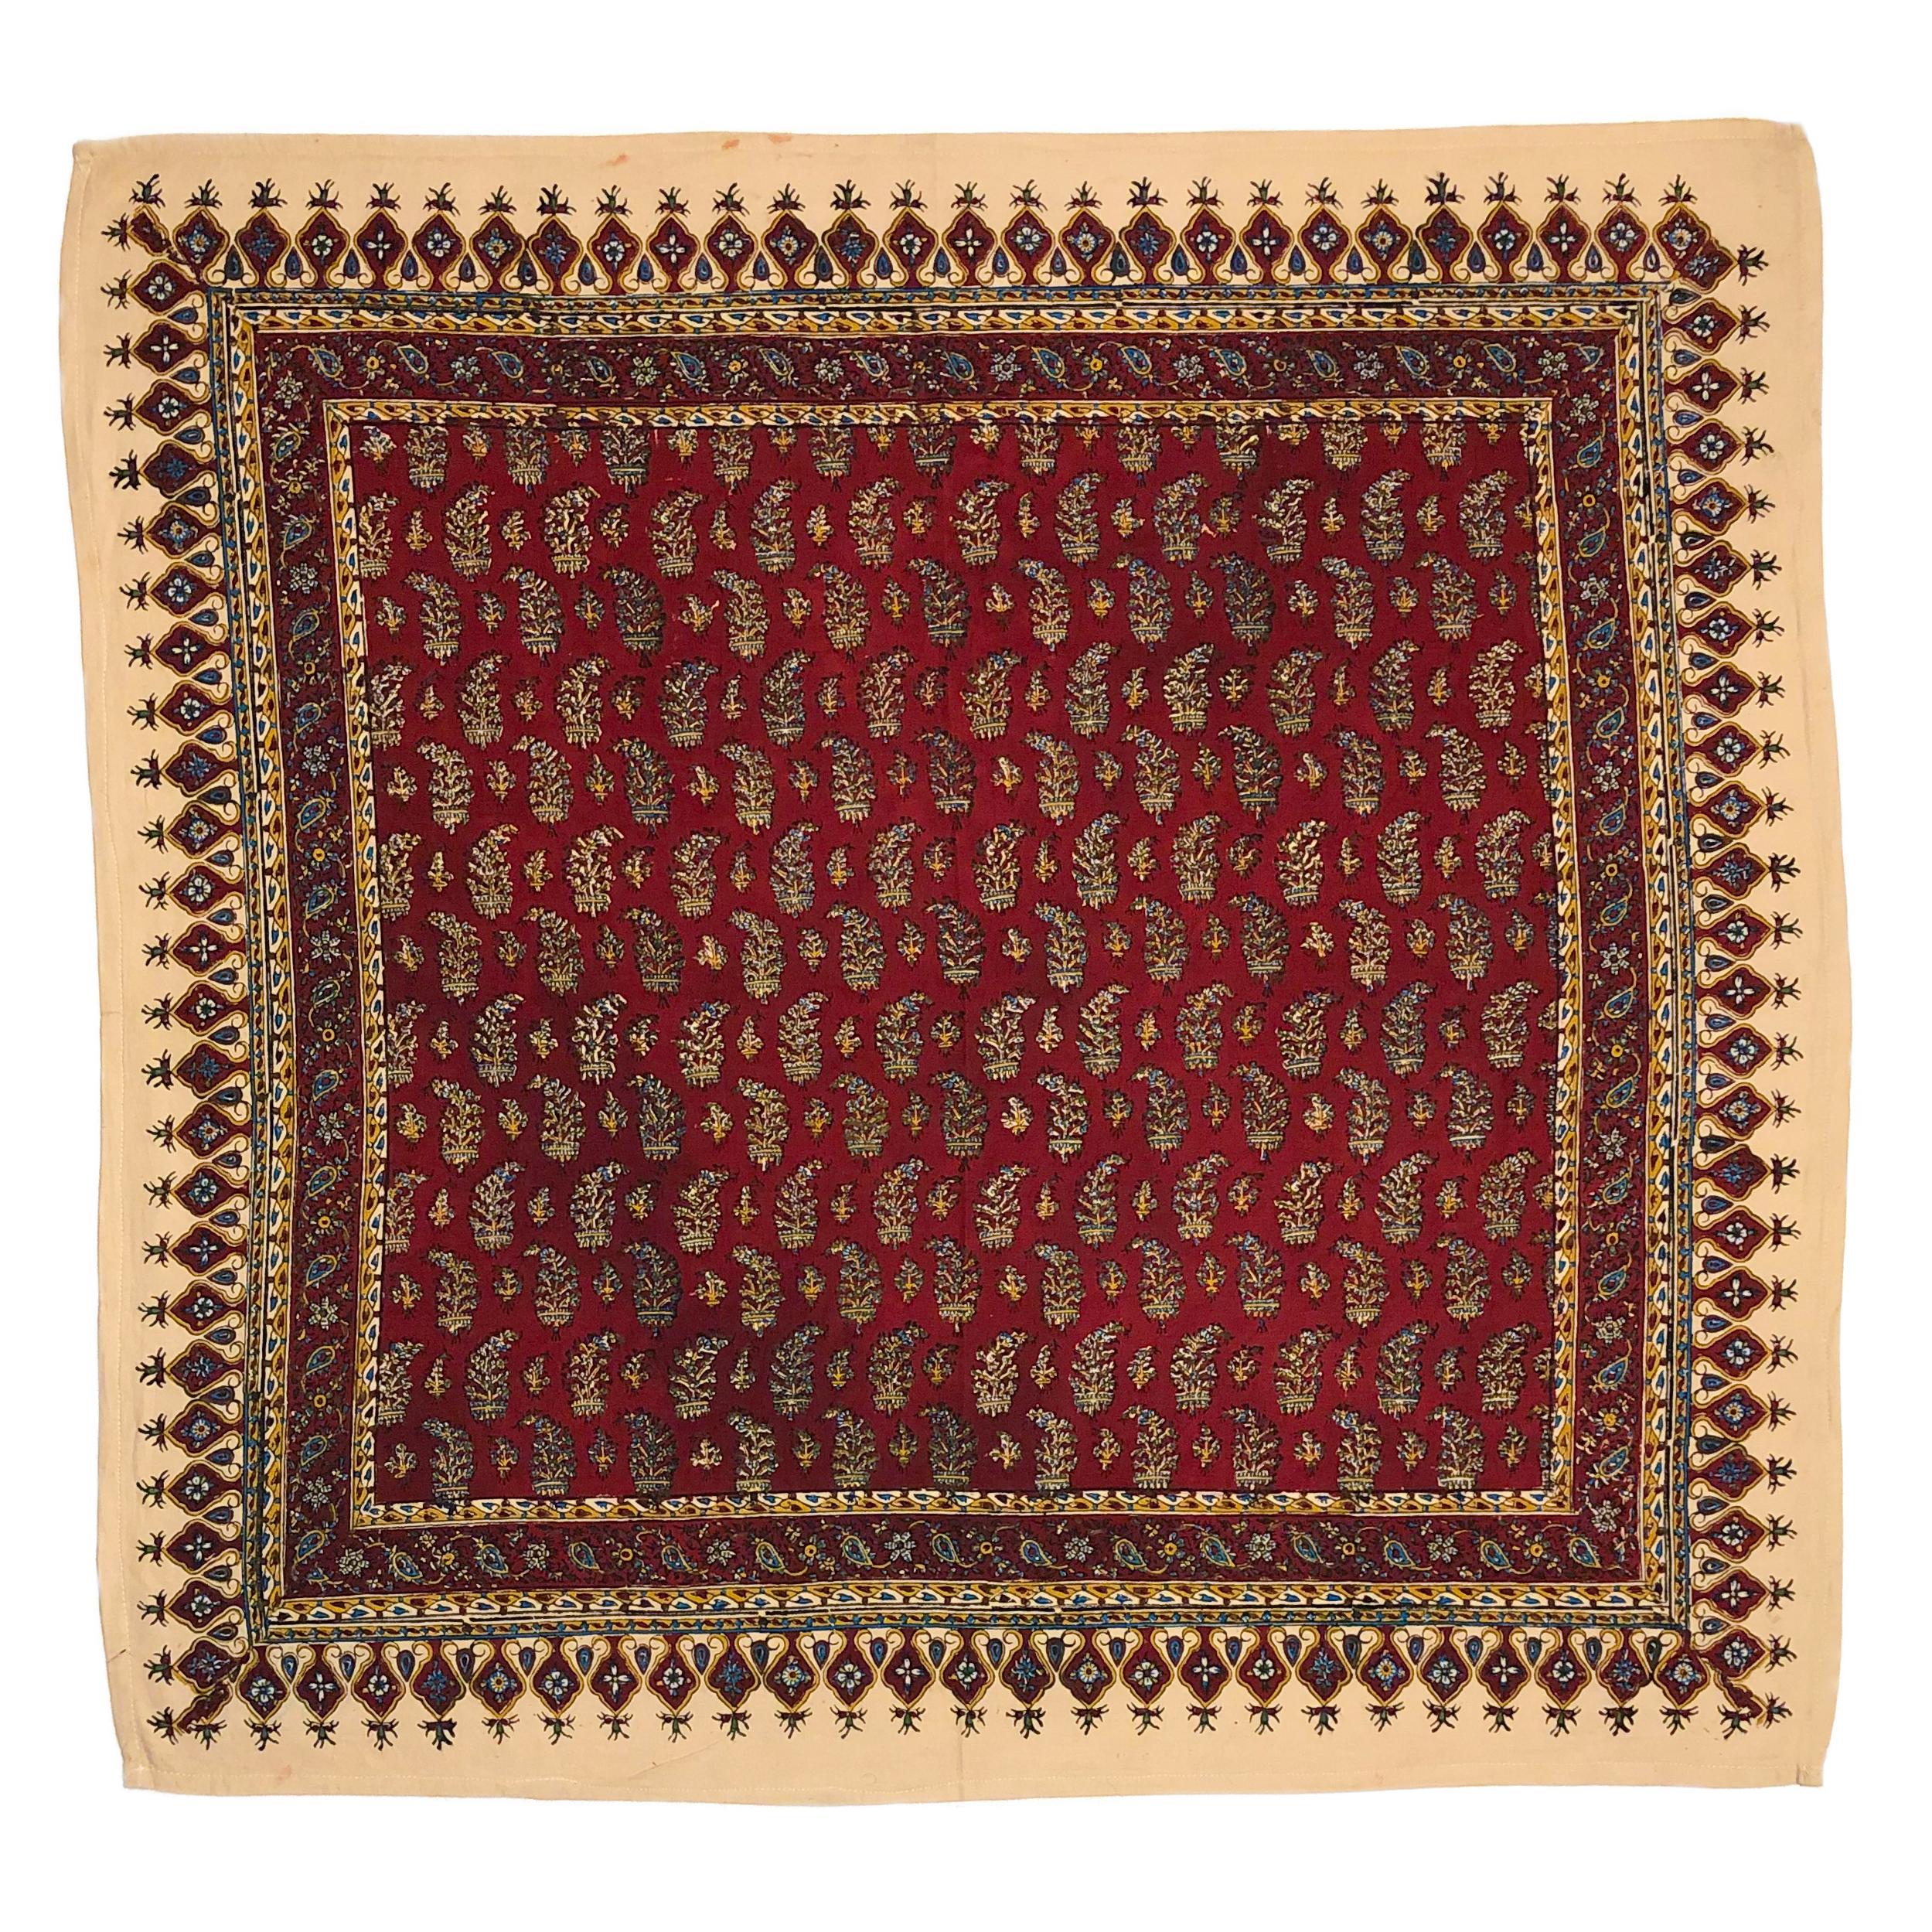 رومیزی قلمکار ممتاز اصفهان اثر عطريان طرح بته قرمزچلوار مدل G73سایز 80*80 سانتی متر